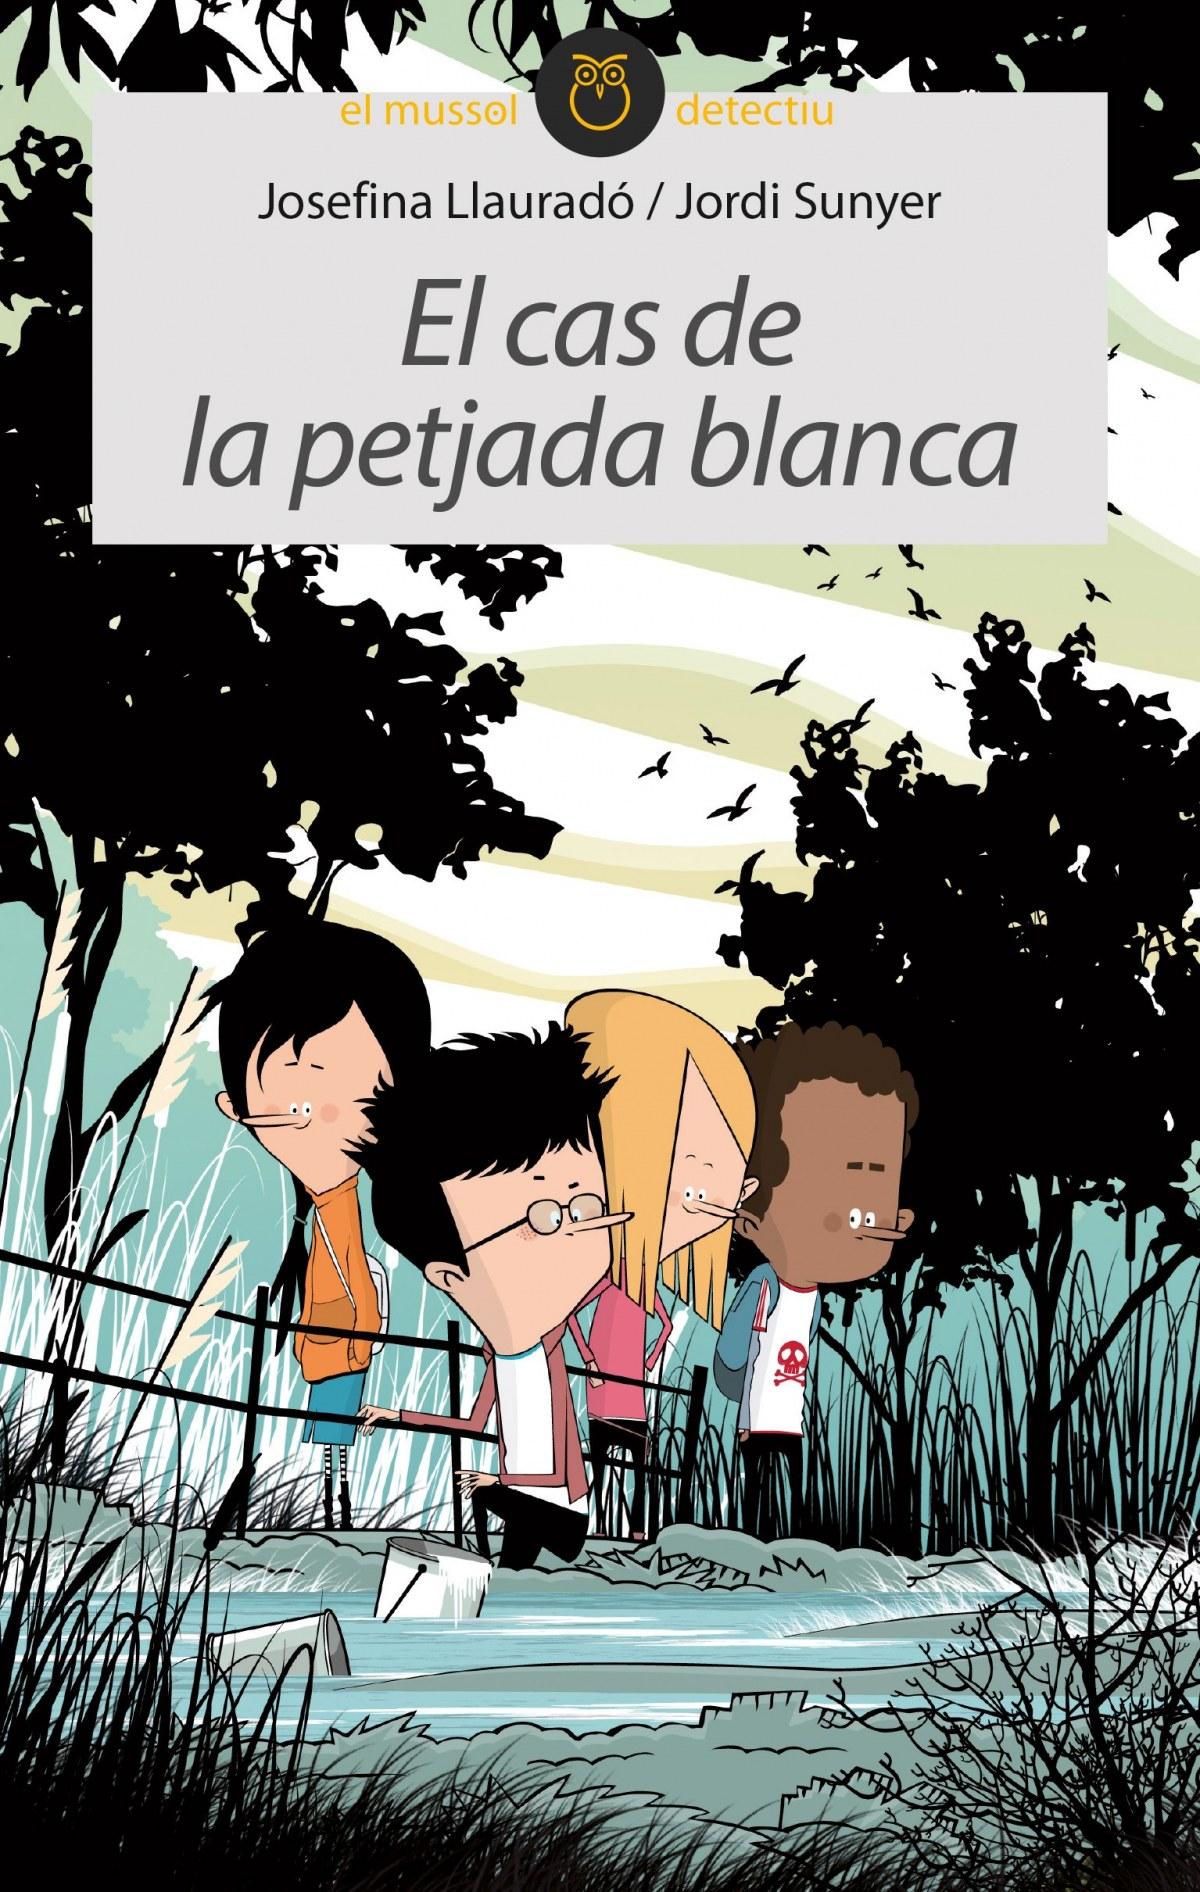 EL CAS DE LA PETJADA BLANCA